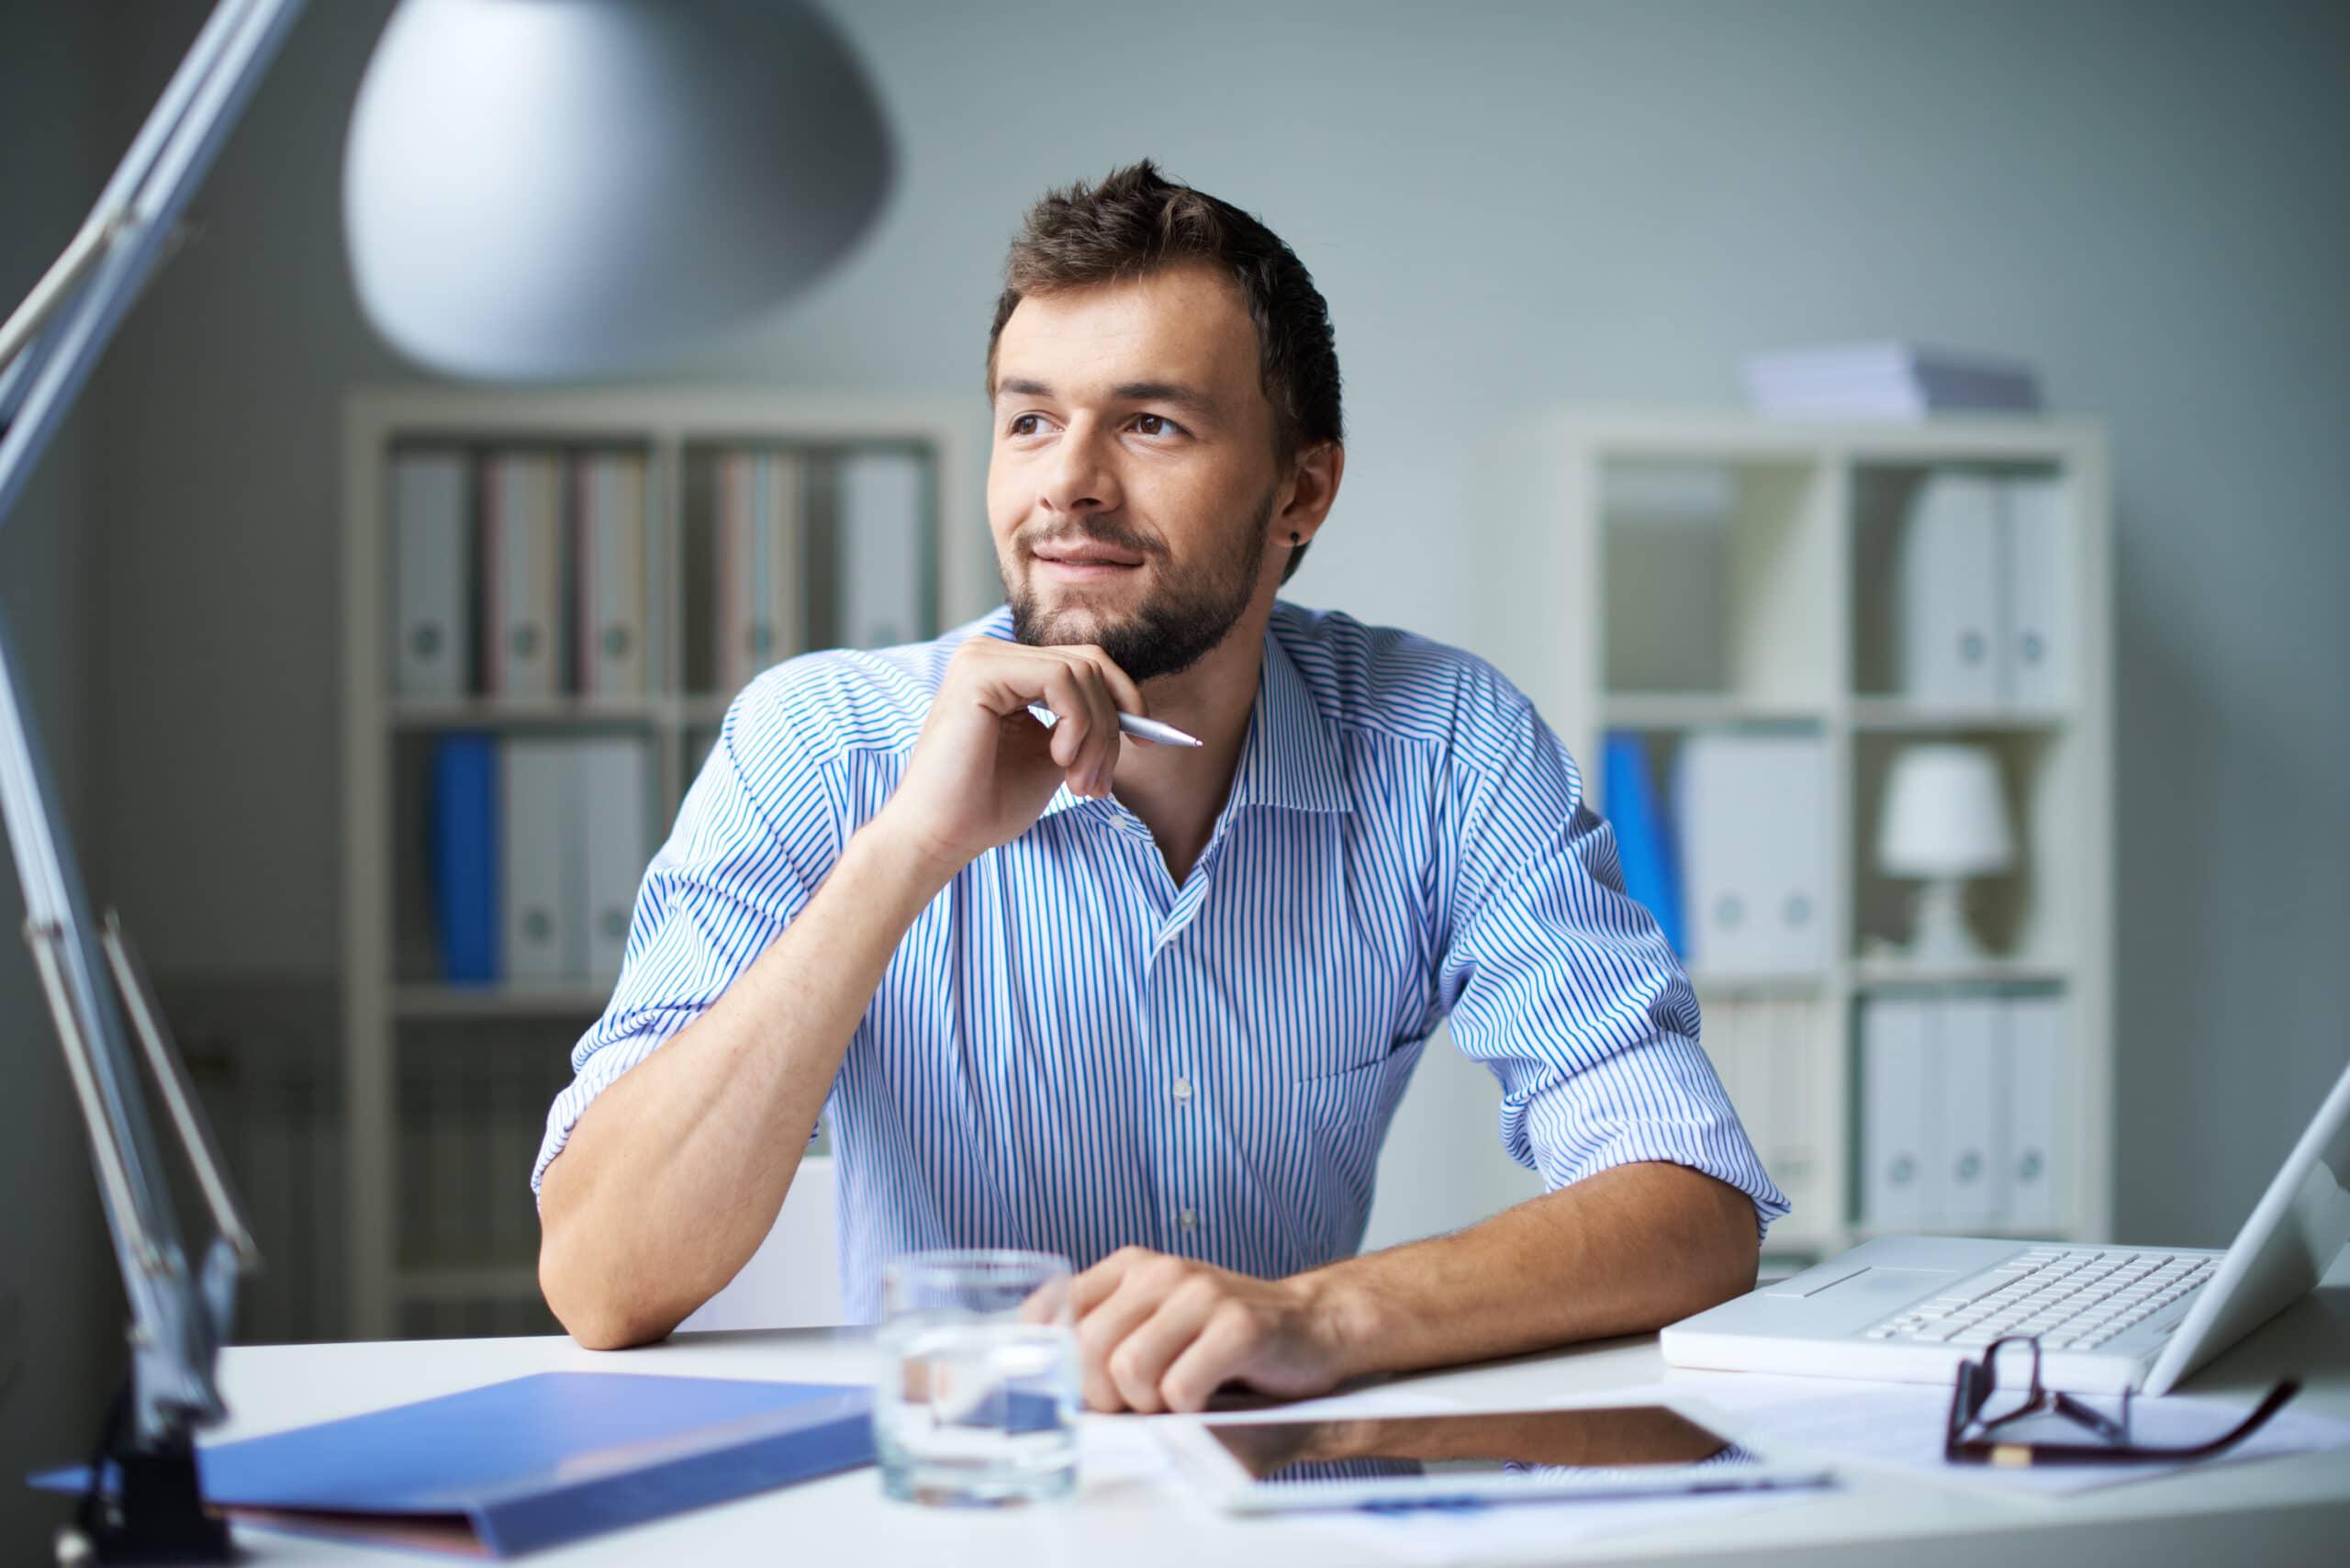 Laskuttaminen yksityishenkilönä. Mies pohtii työpöydän ääressä.